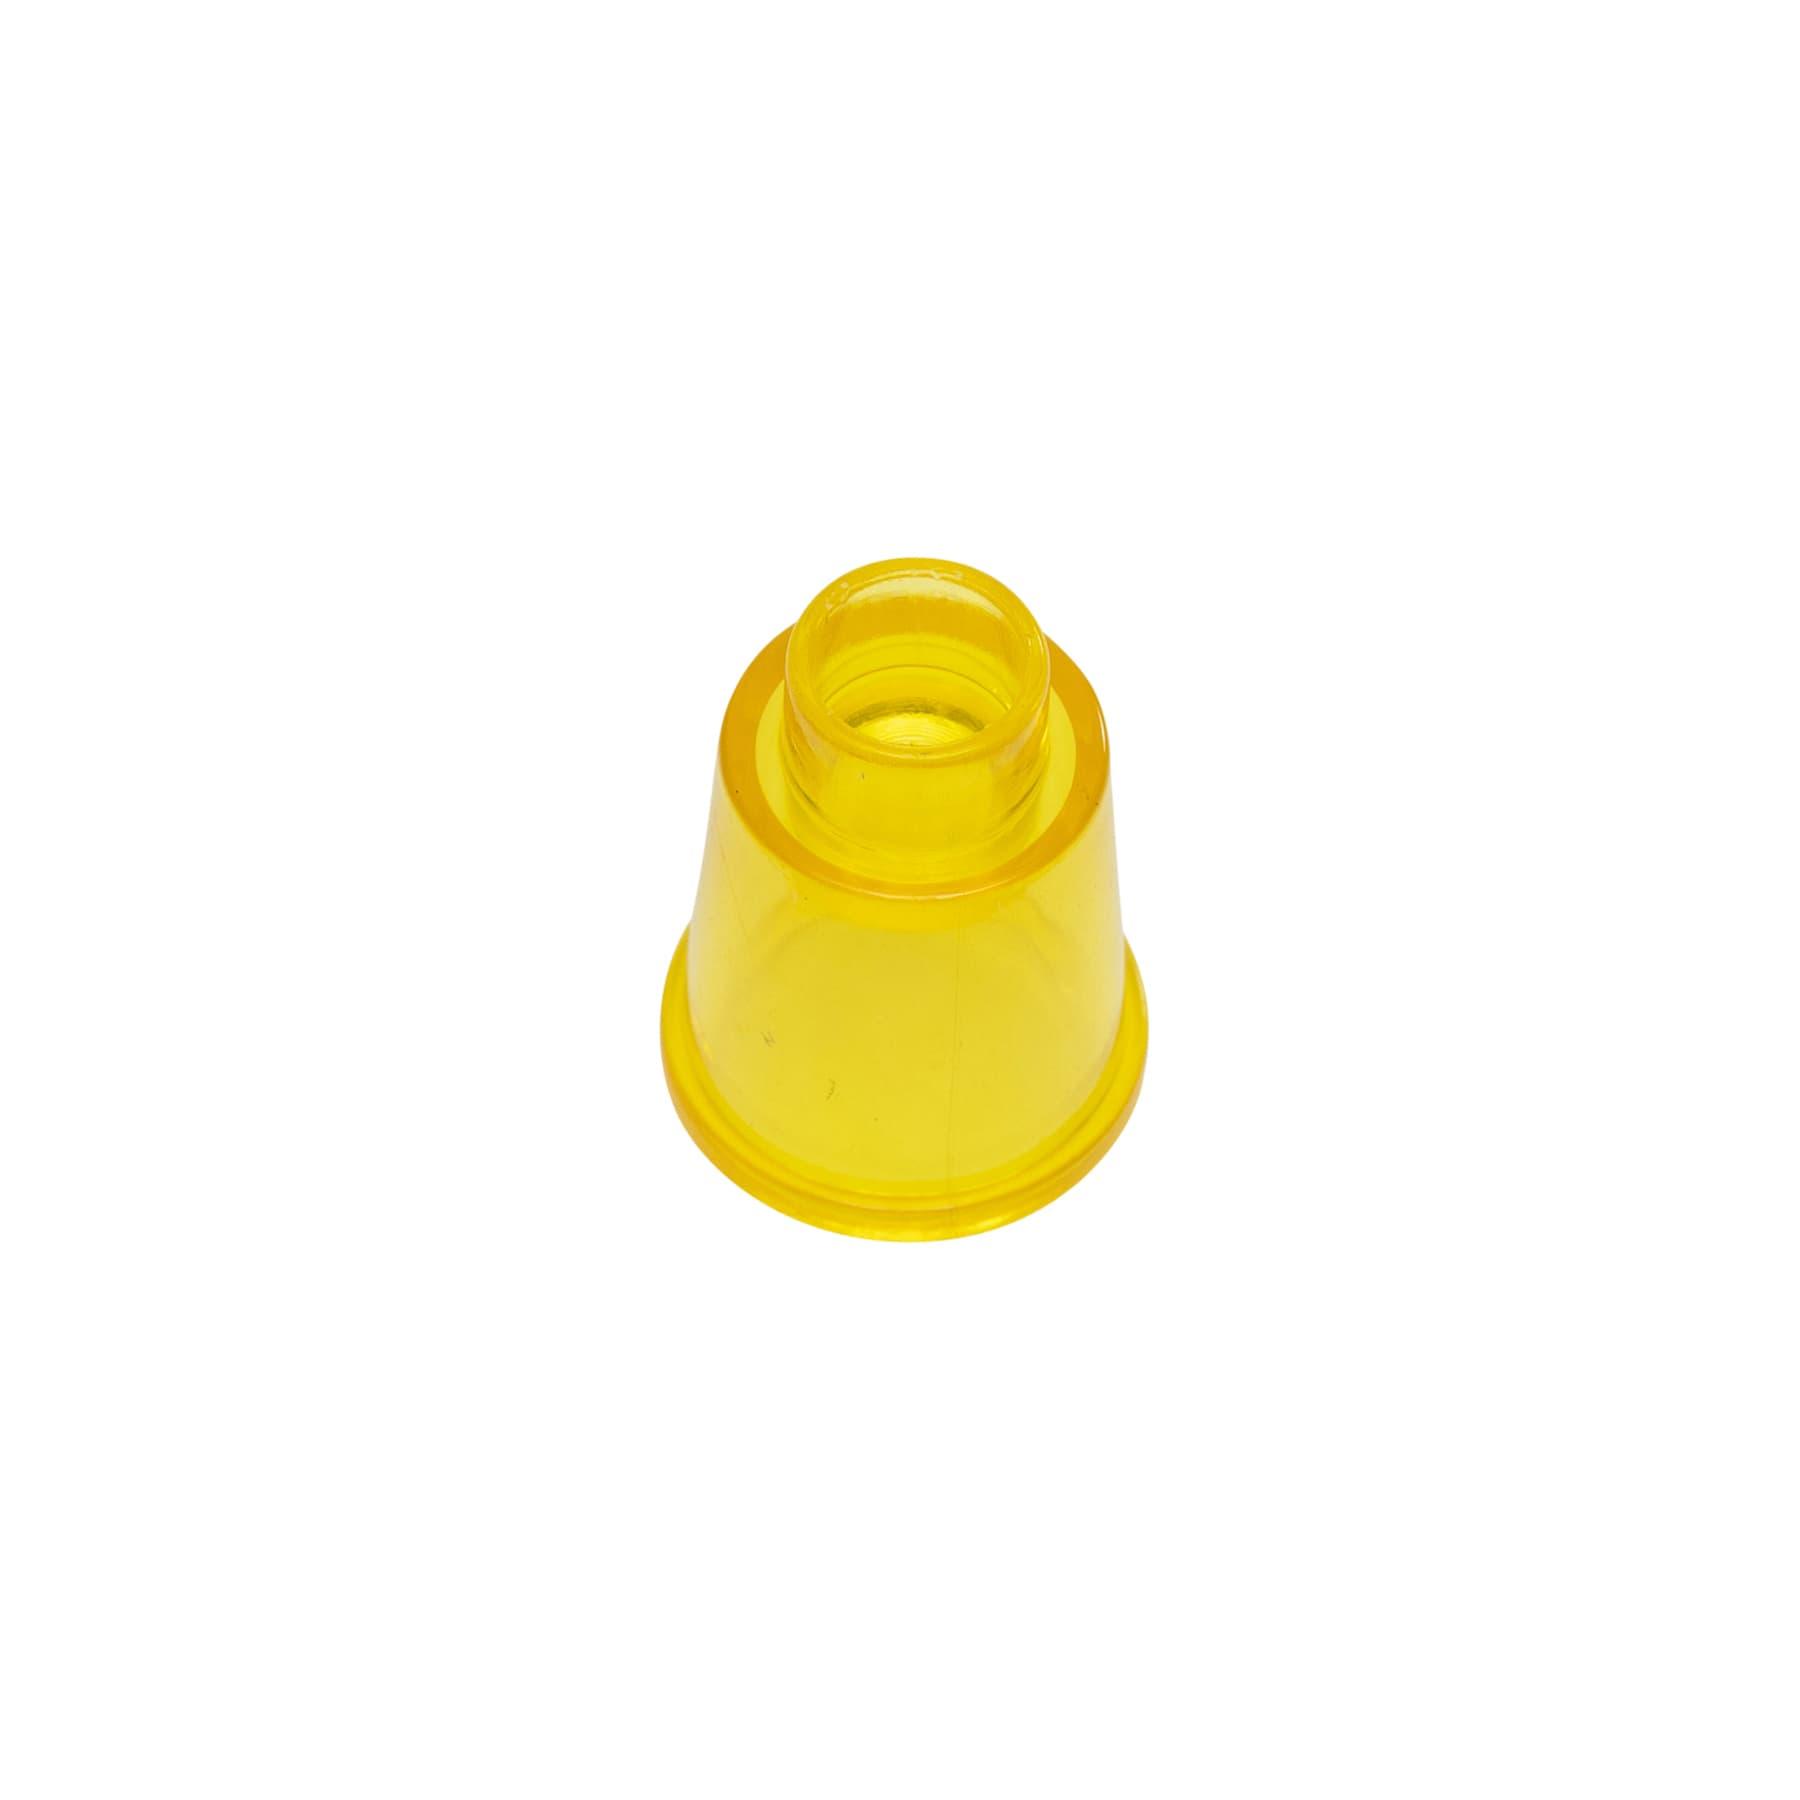 Zuchtstopfen inkl. Weiselnäpfchen aus gelbem Kunststoff, einteil